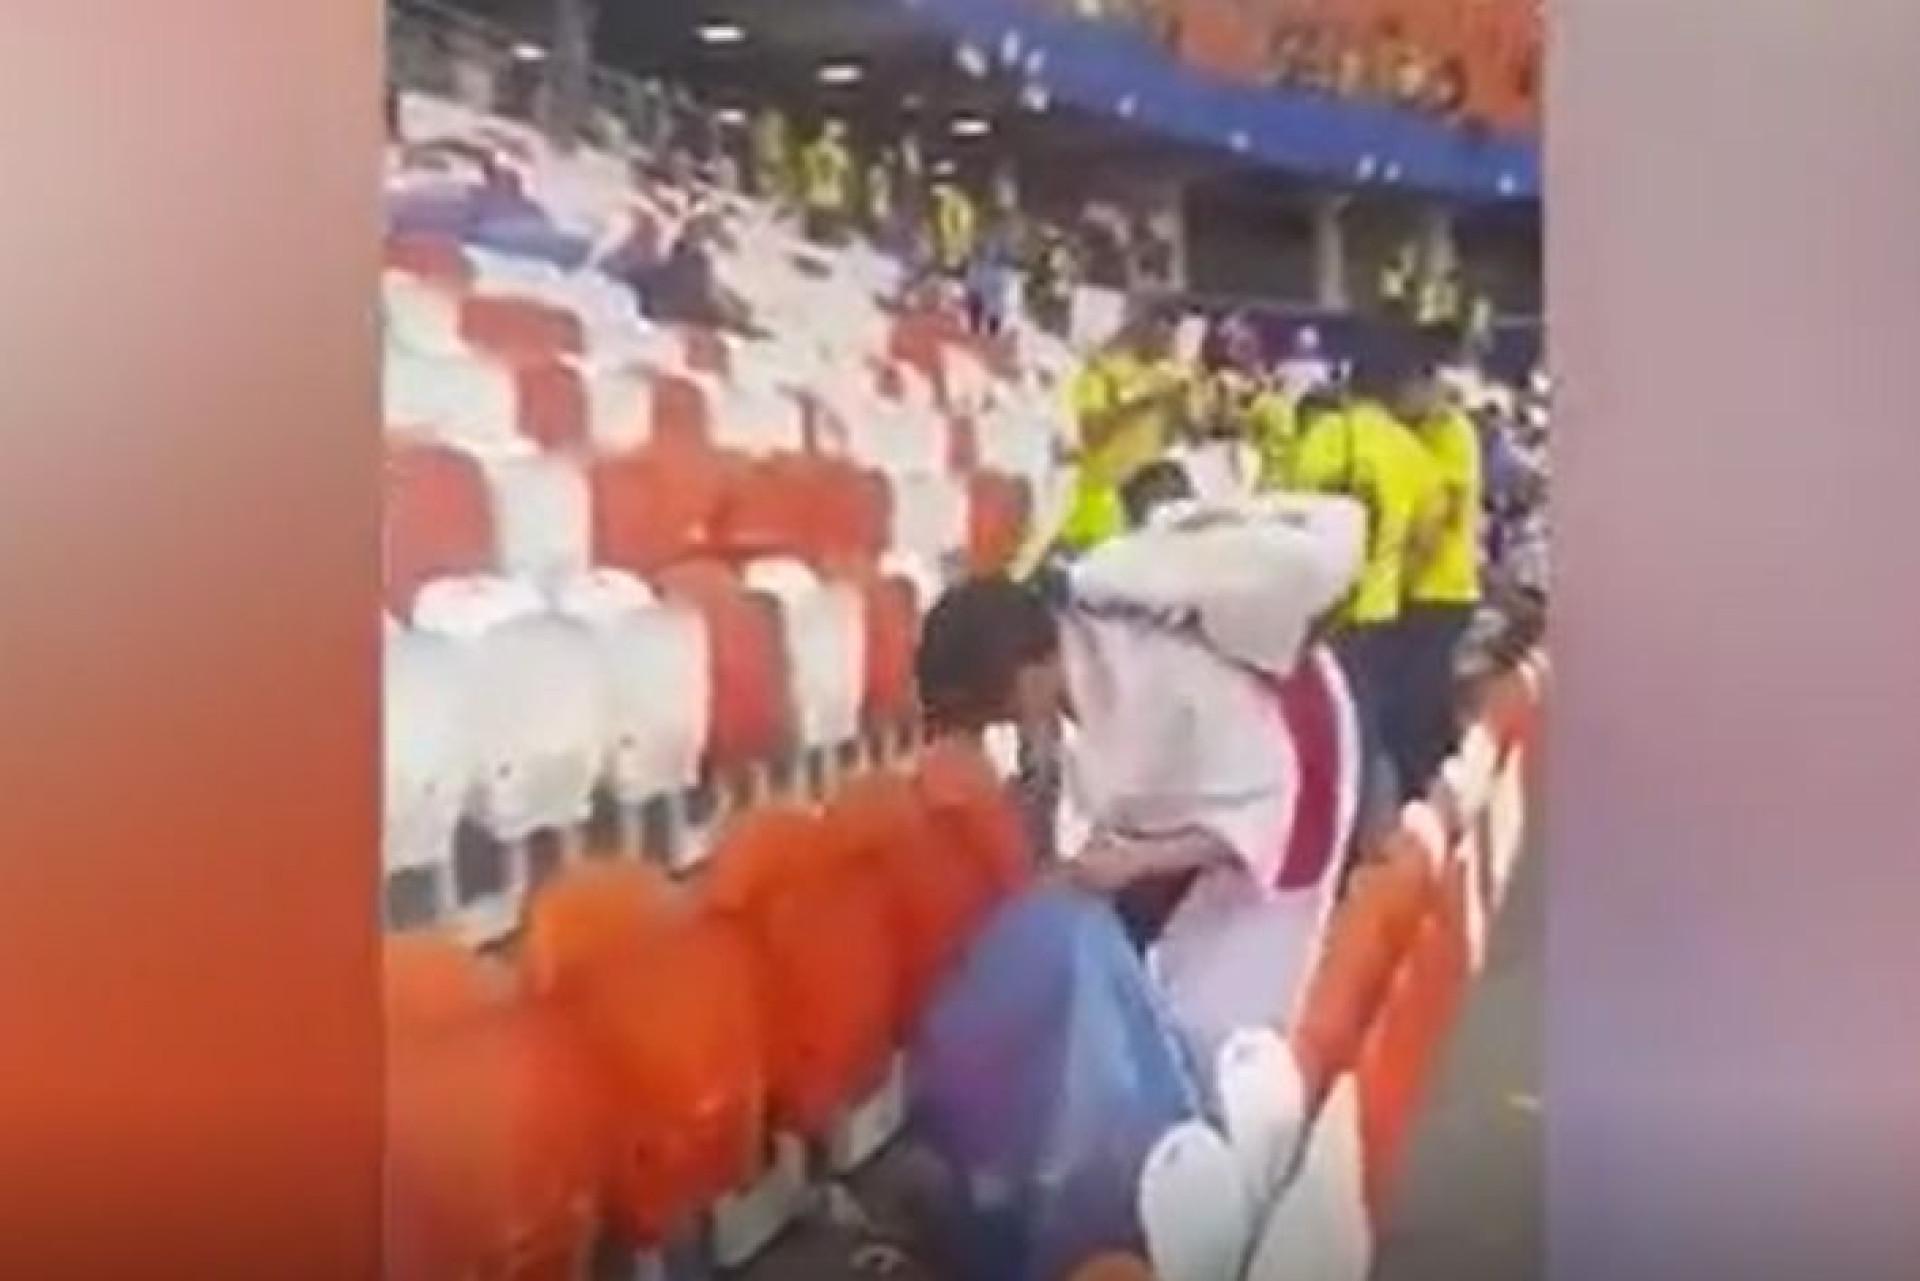 Depois da vitória, adeptos do Japão limpam as bancadas